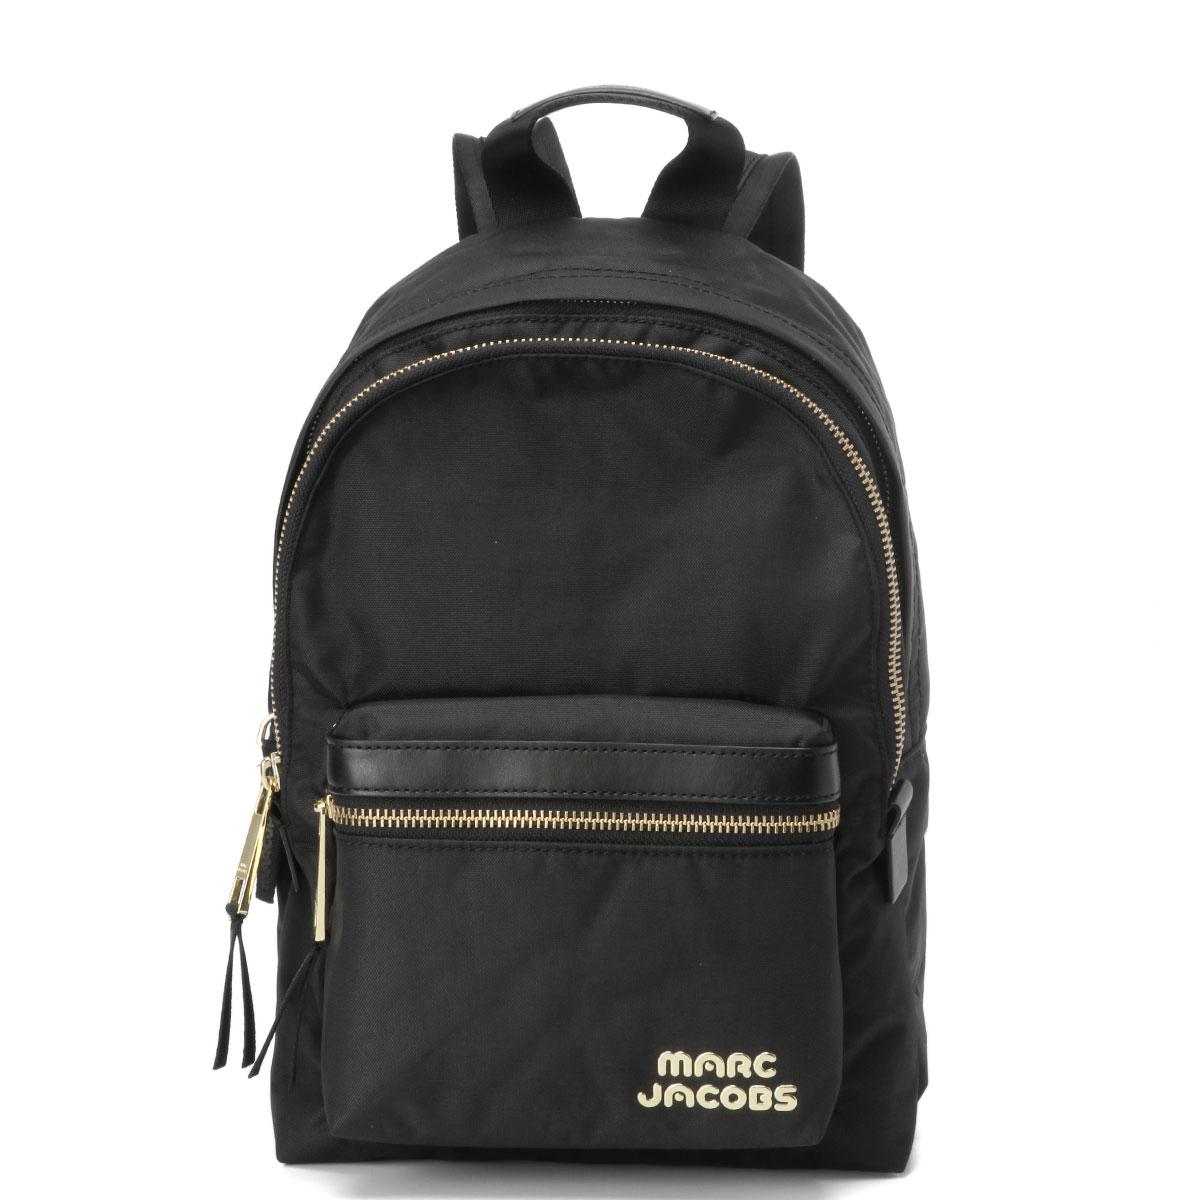 マーク ジェイコブス MARC JACOBS バッグ レディース M0014031 001 バックパック ミディアム TREK PACK トレック パック BLACK ブラック